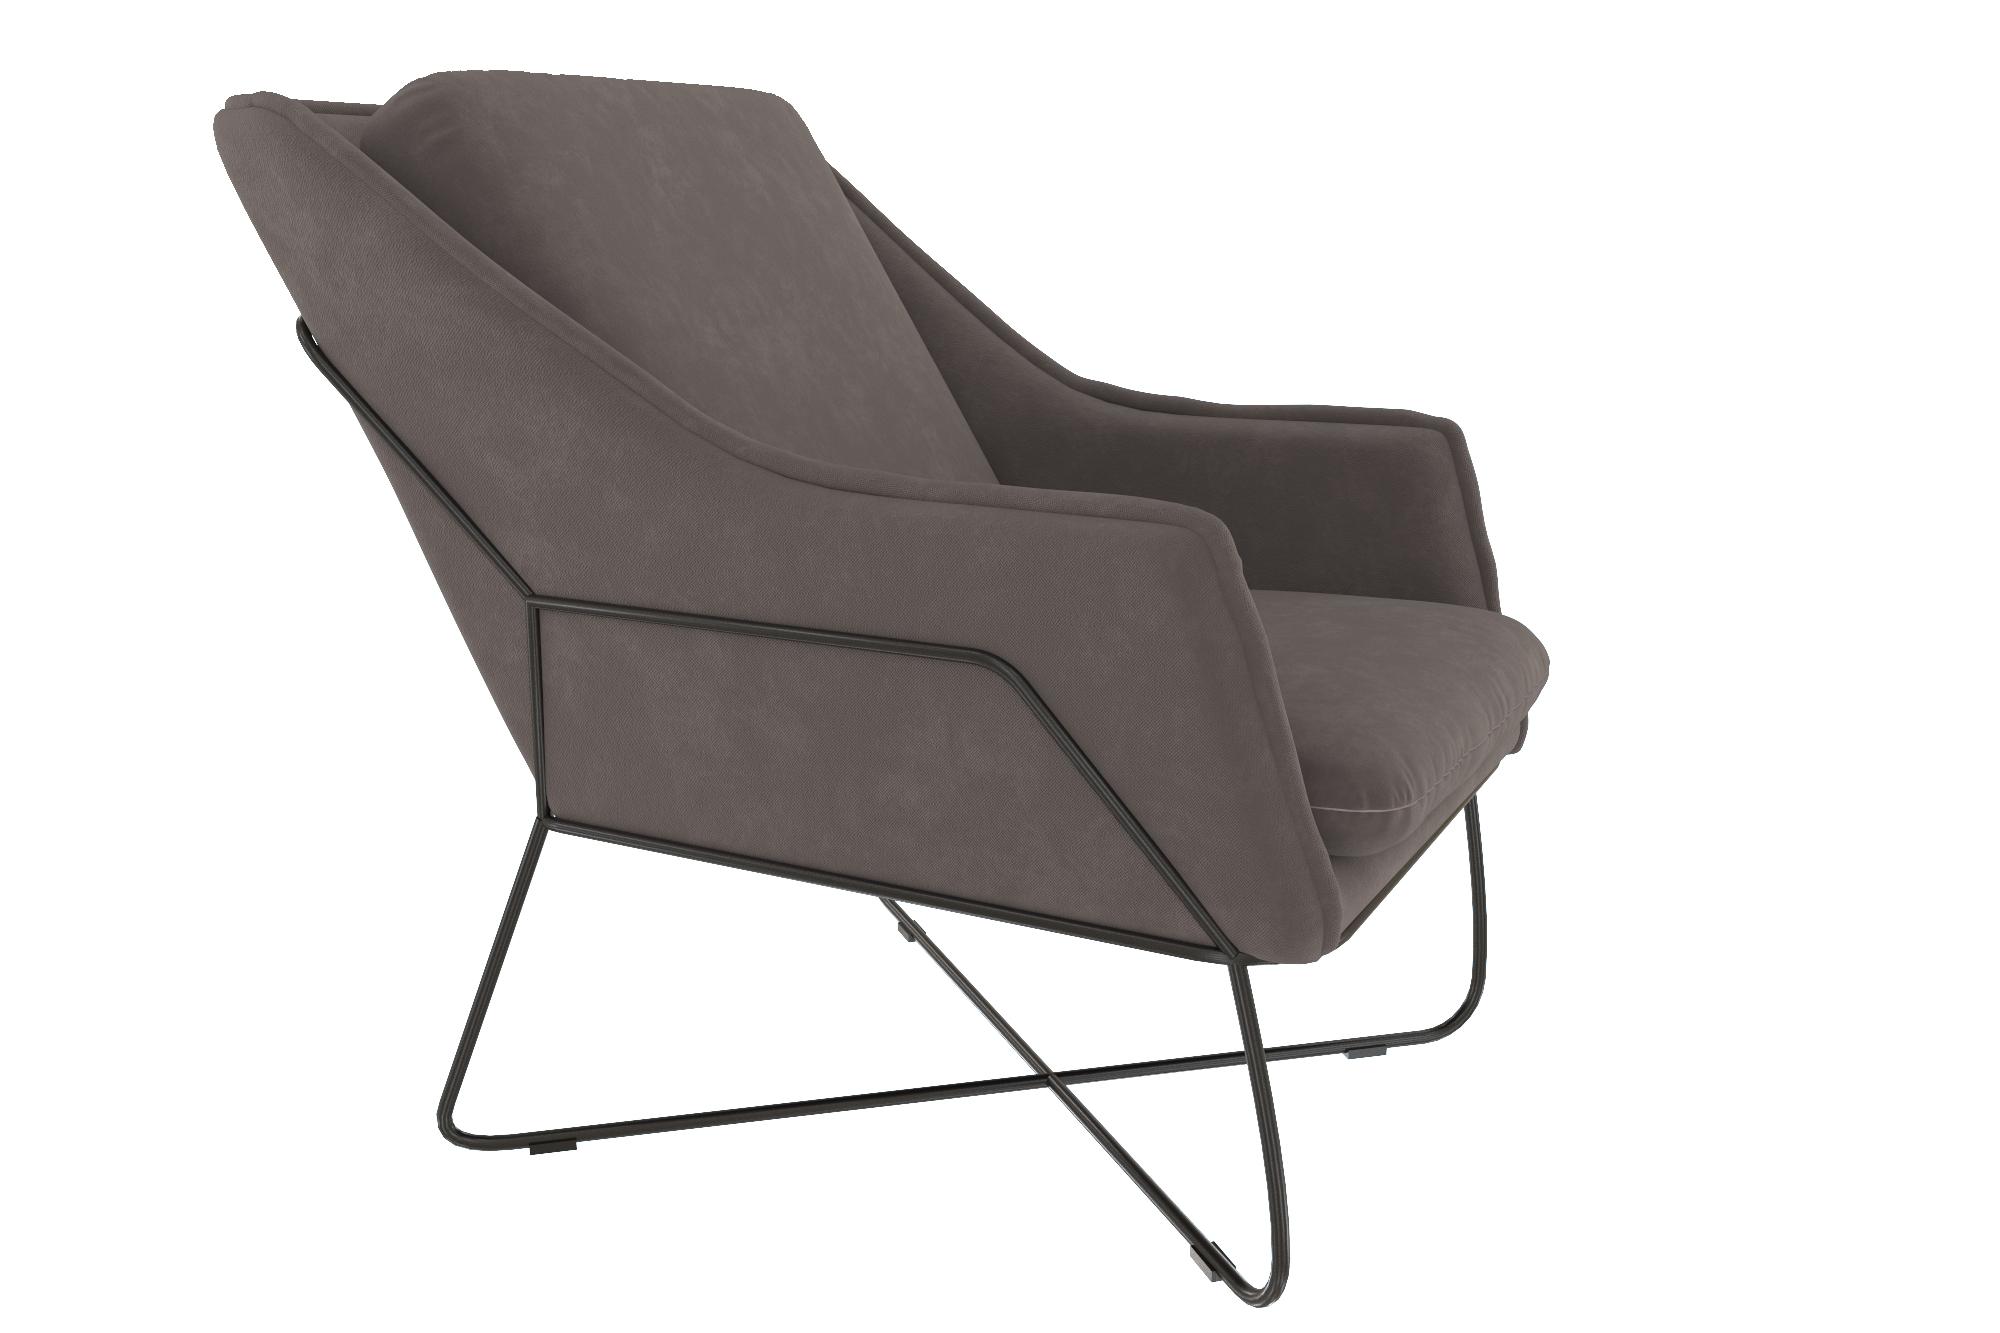 Кресло Comfort, Д2 Ангстрем фото